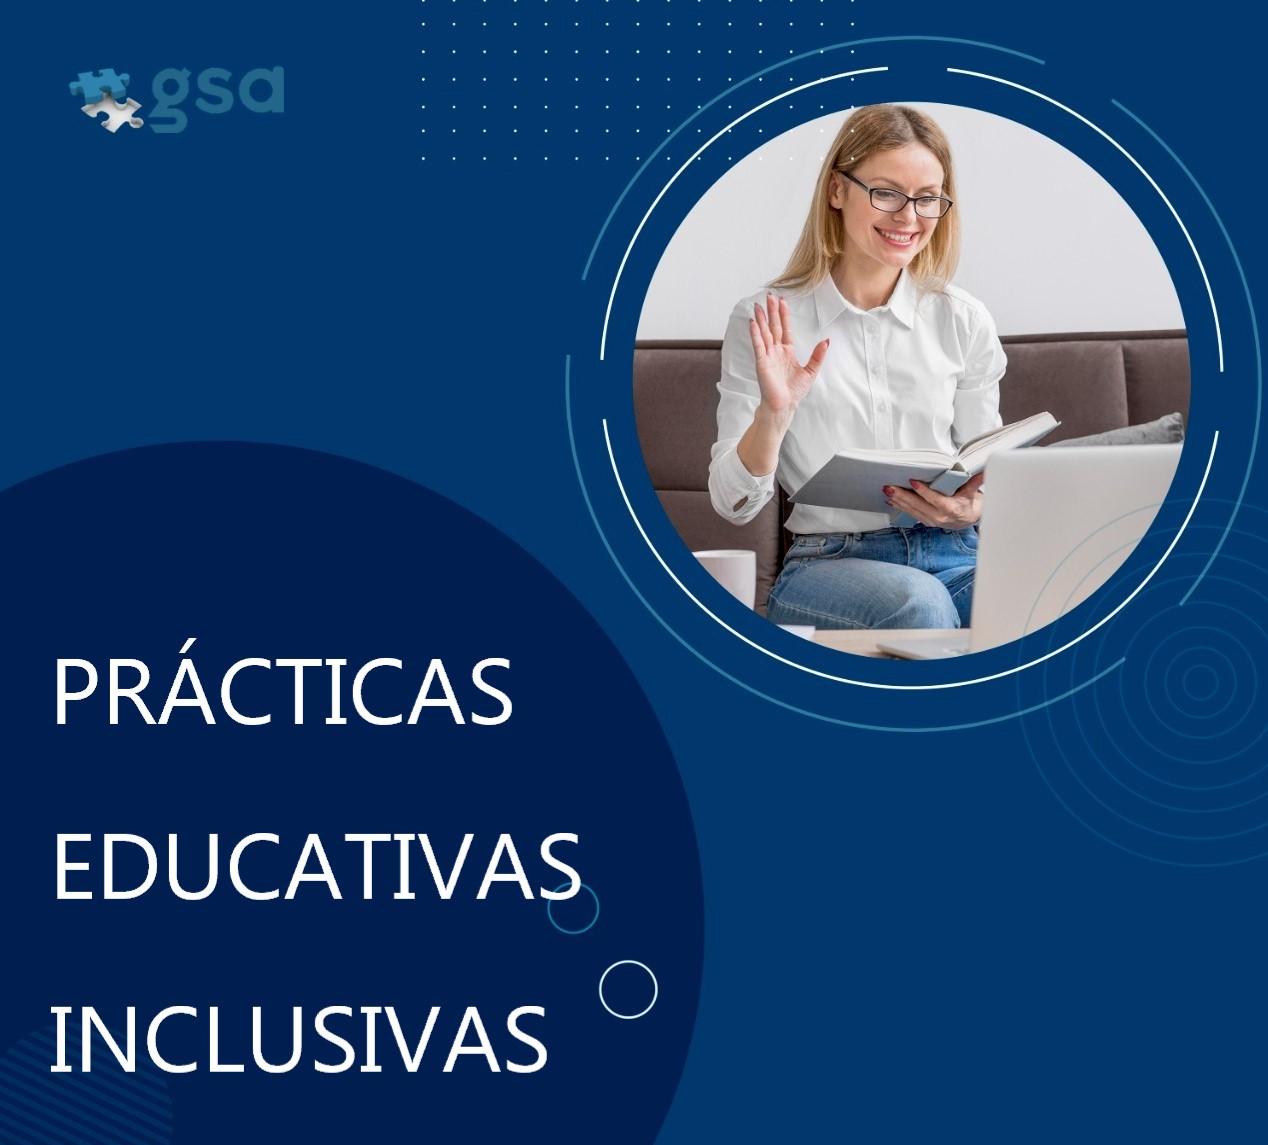 PRÁCTICAS EDUCATIVAS INCLUSIVAS